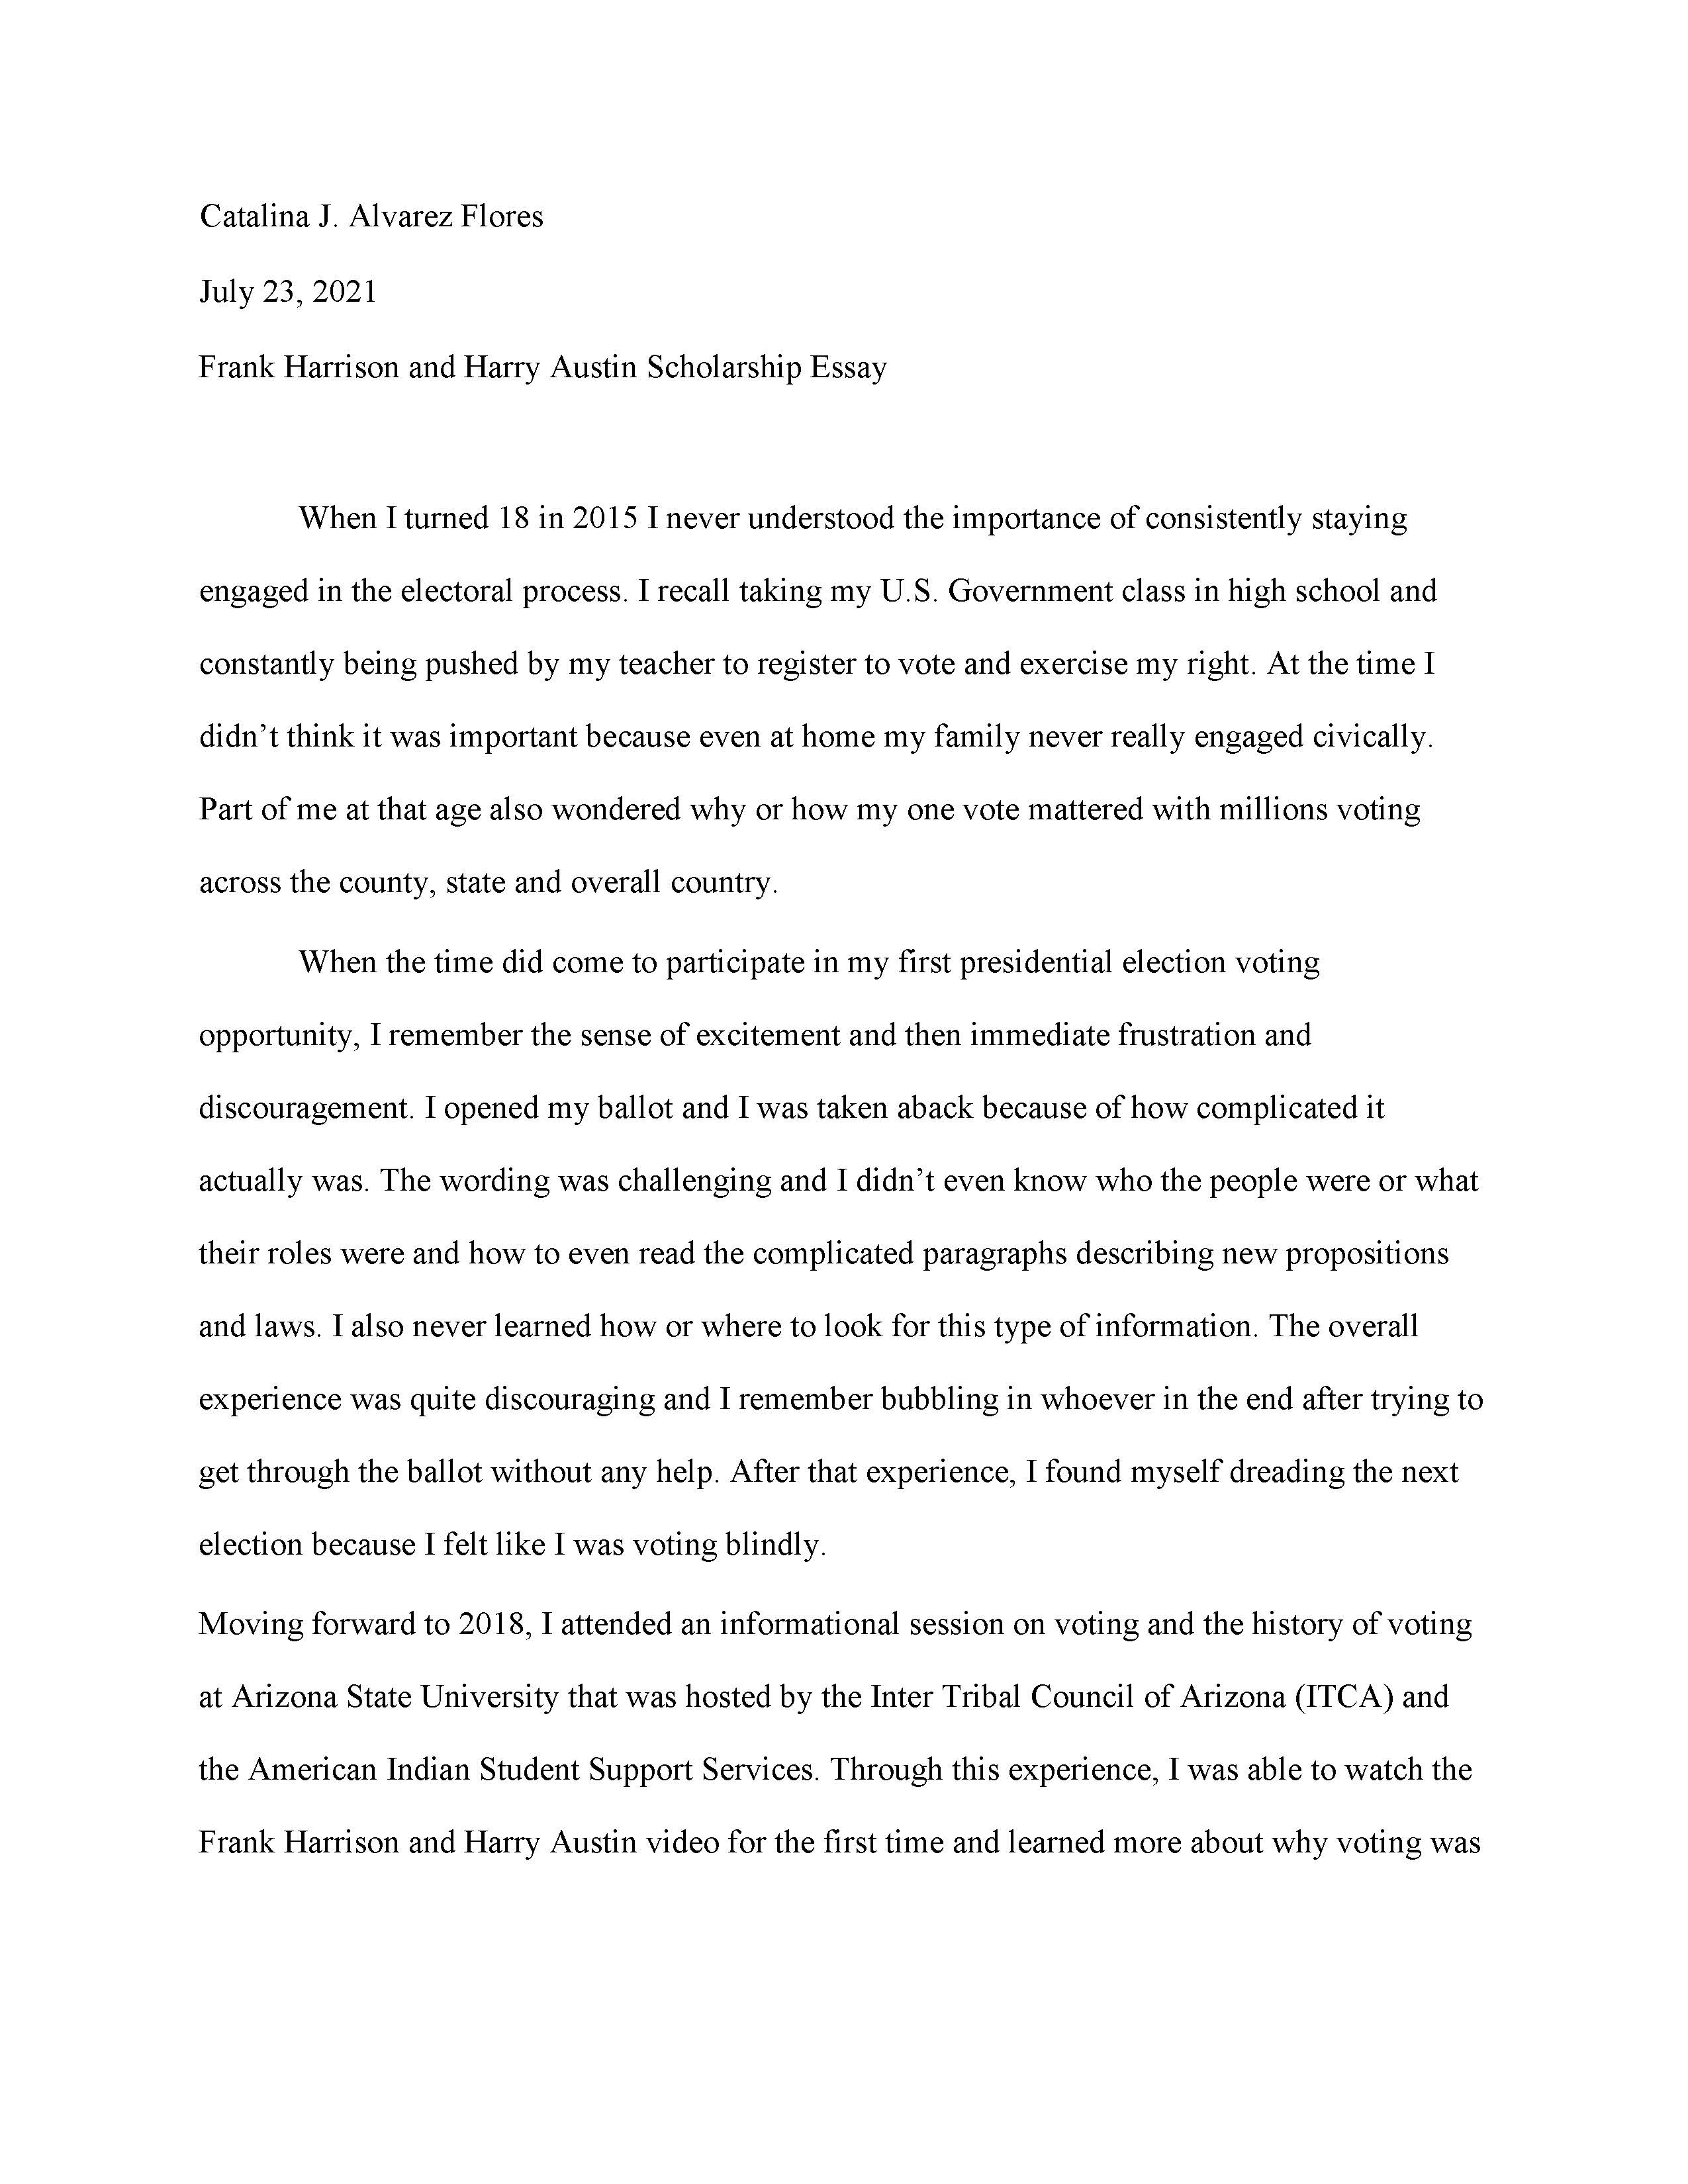 Catalina Alvarez-Flores Essay